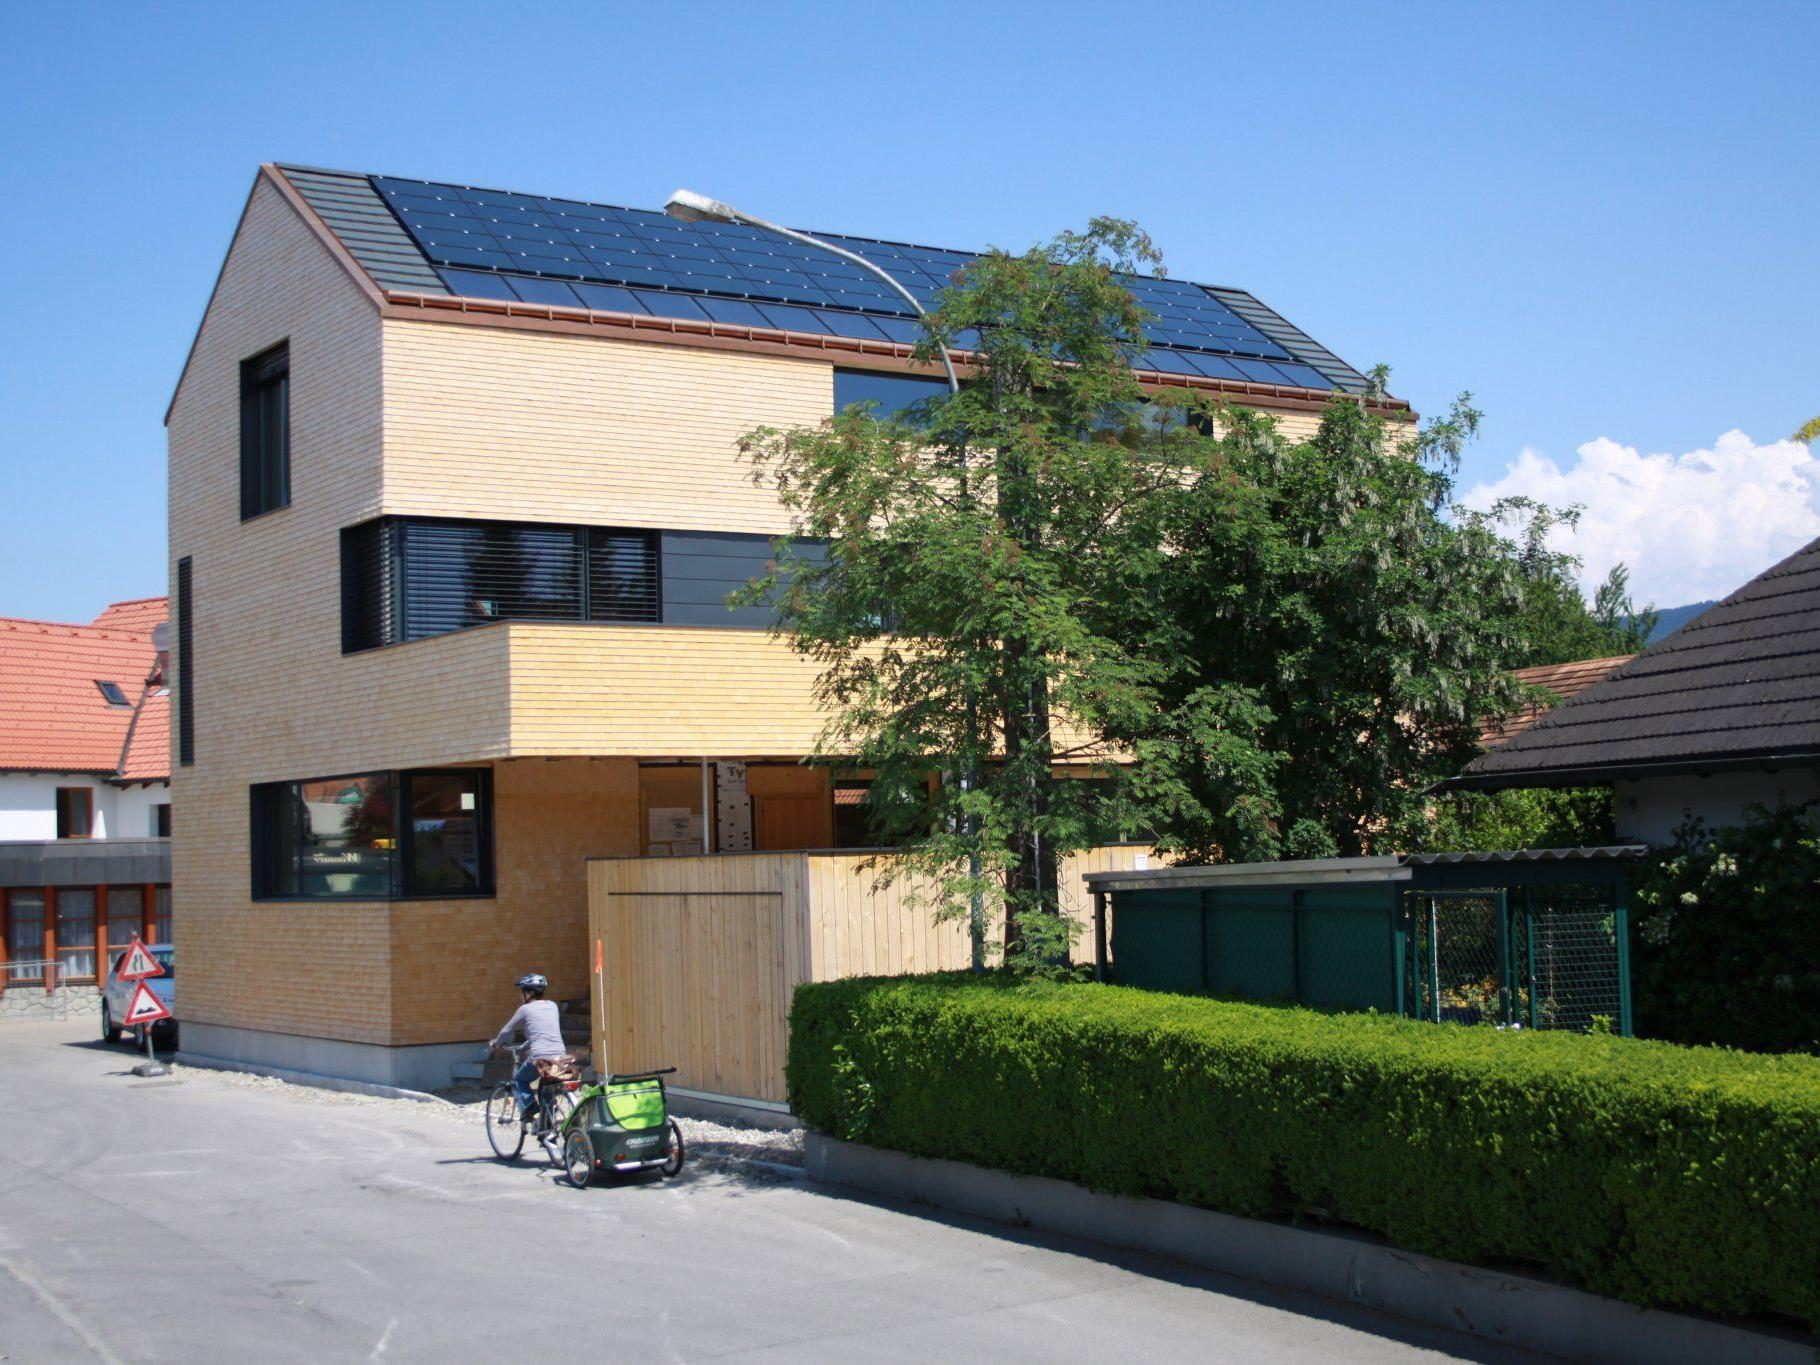 Das Gebäude wurde im August 2010 in nur 3 Tagen aufgebaut. Das Holz dafür stammt aus dem Wald des Bauherren Martin Brunn.